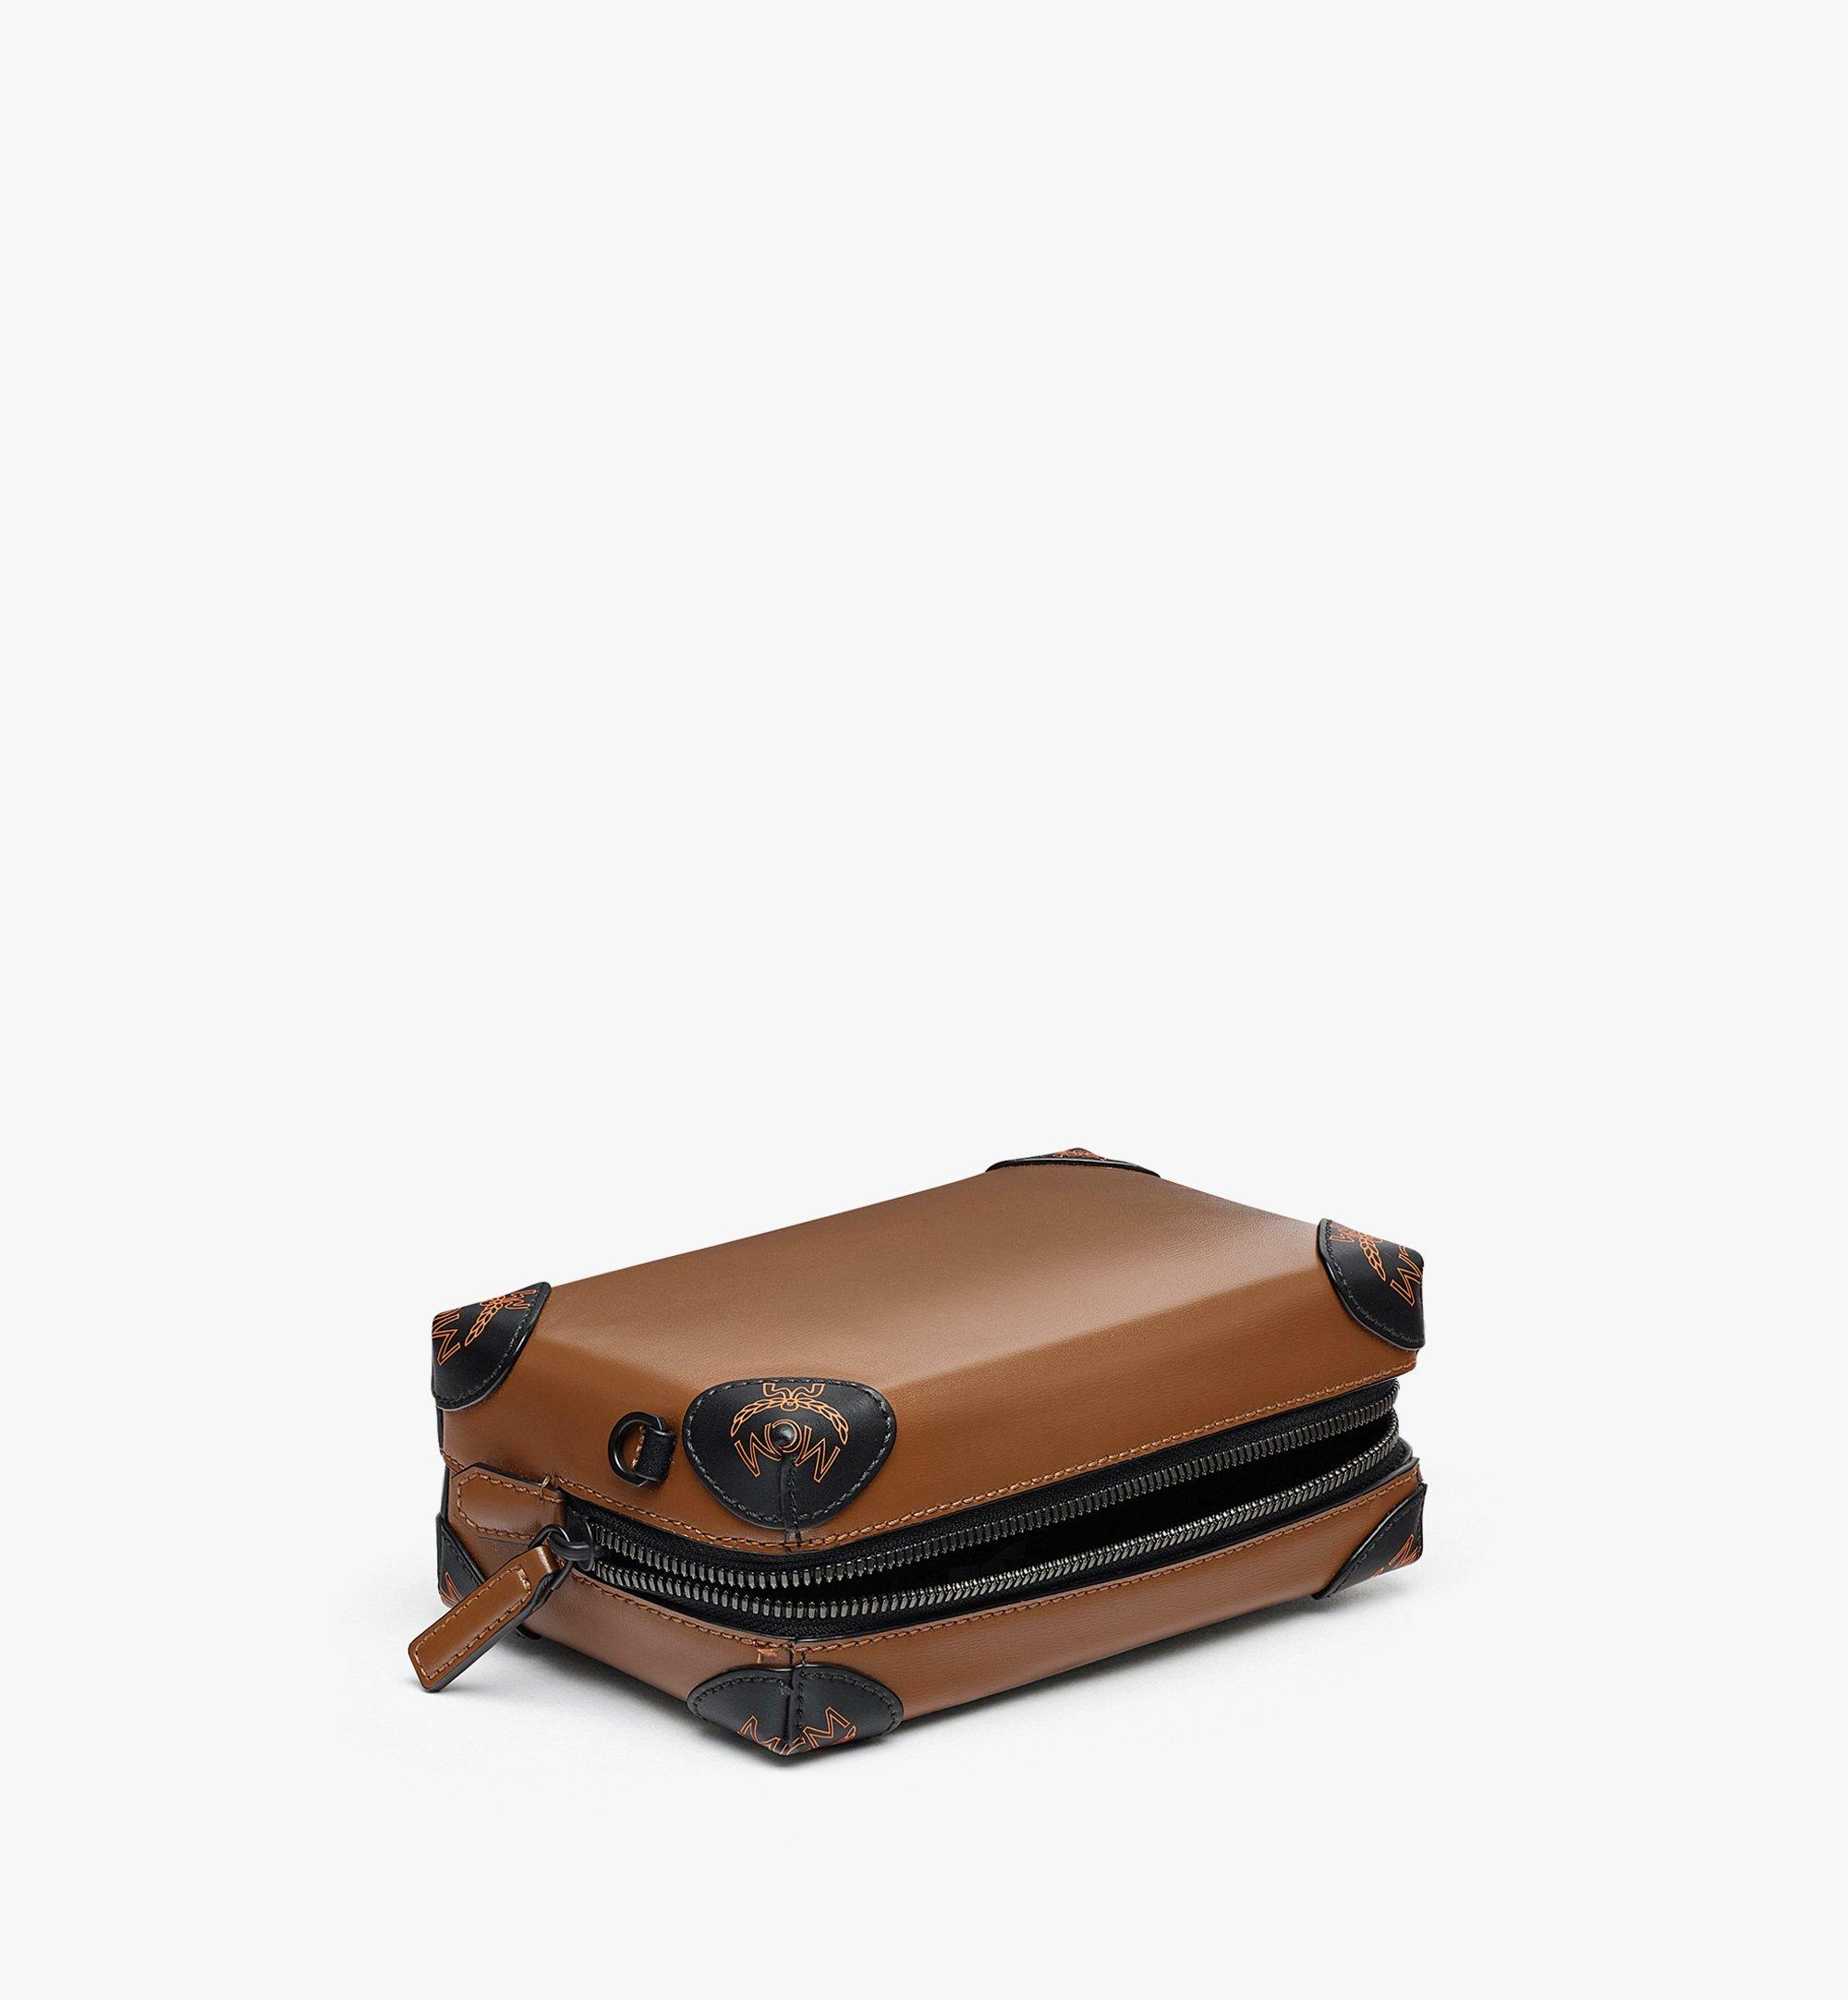 MCM SoftBerlin Crossbody-Tasche aus spanischem Leder Brown MMRBABF01N7001 Noch mehr sehen 2